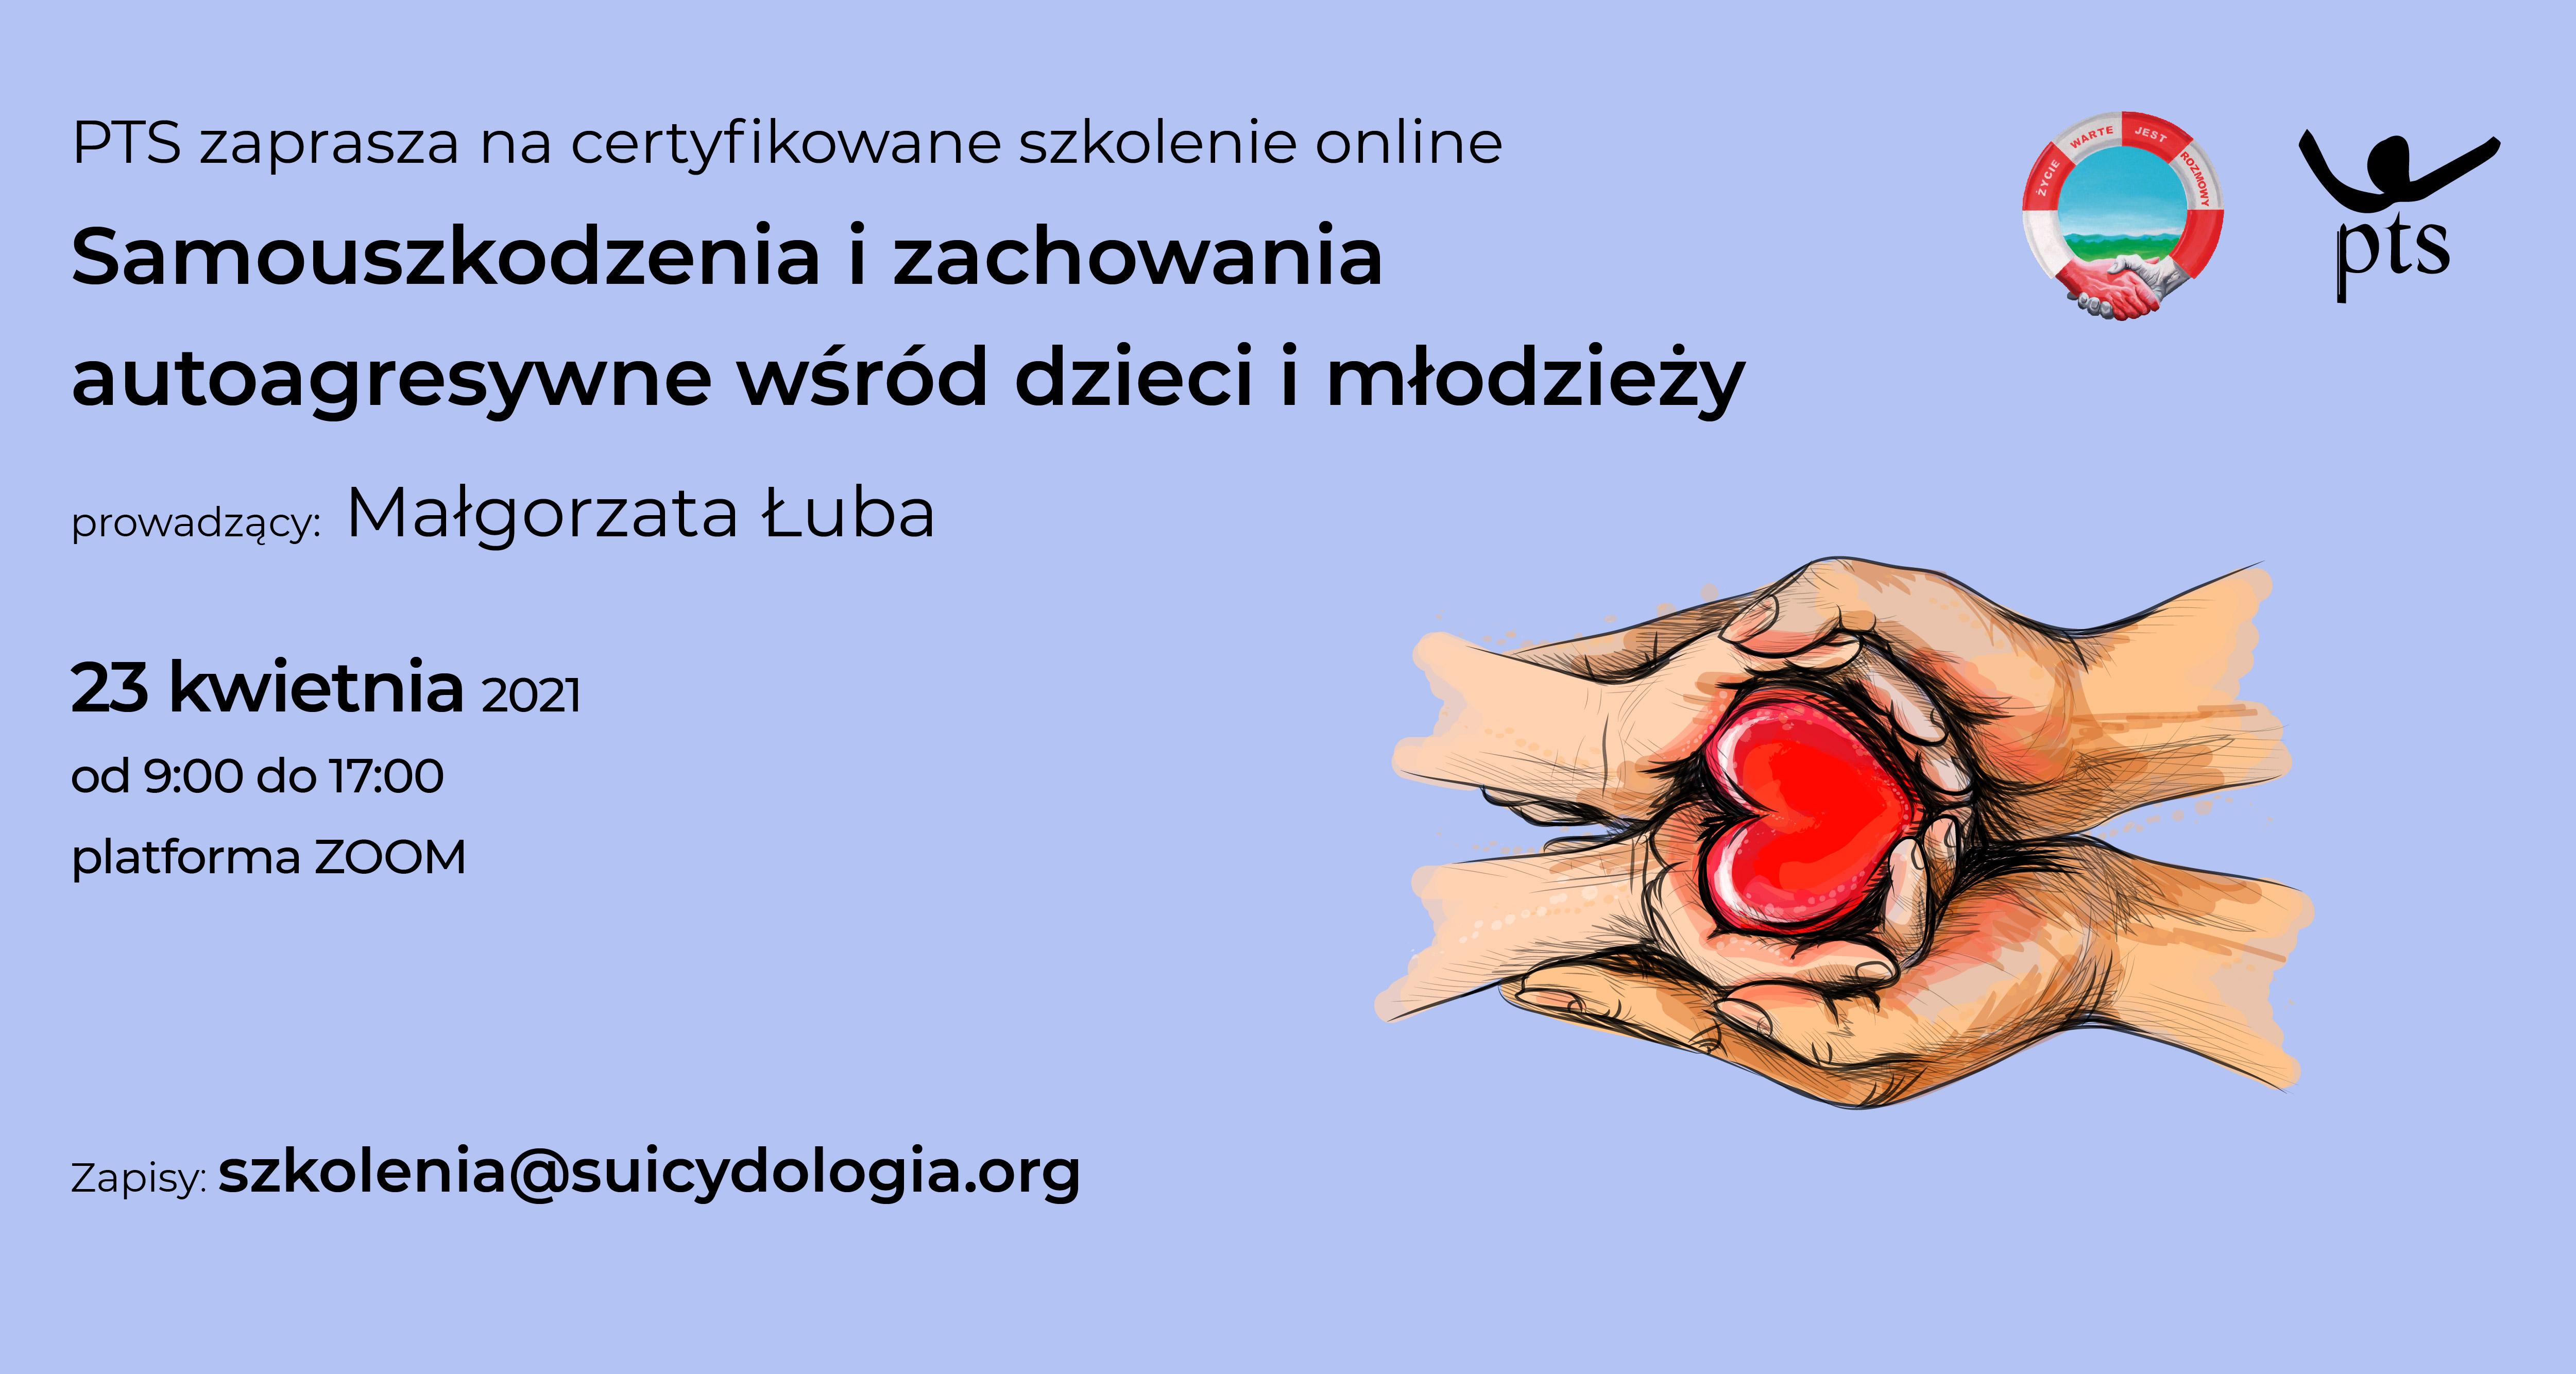 plaka_samouszkodznia-16 (1)